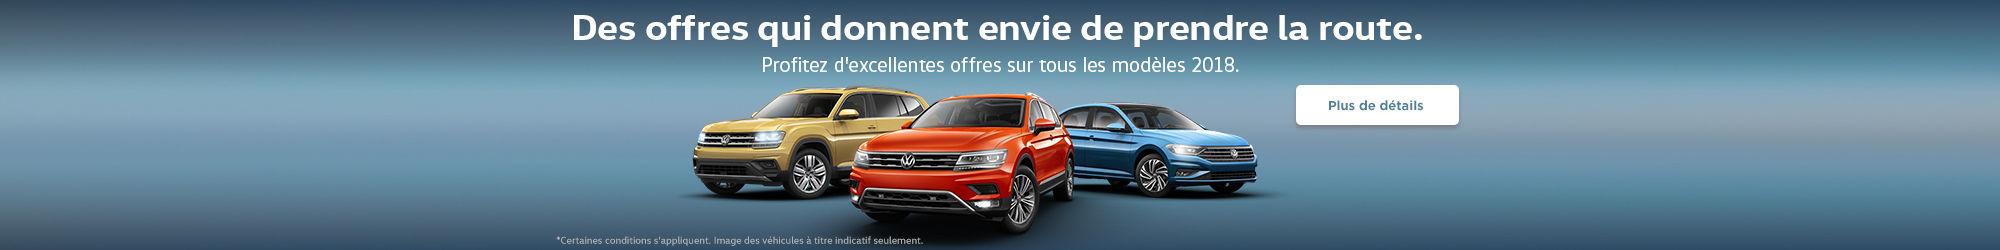 L'évènement Volkswagen